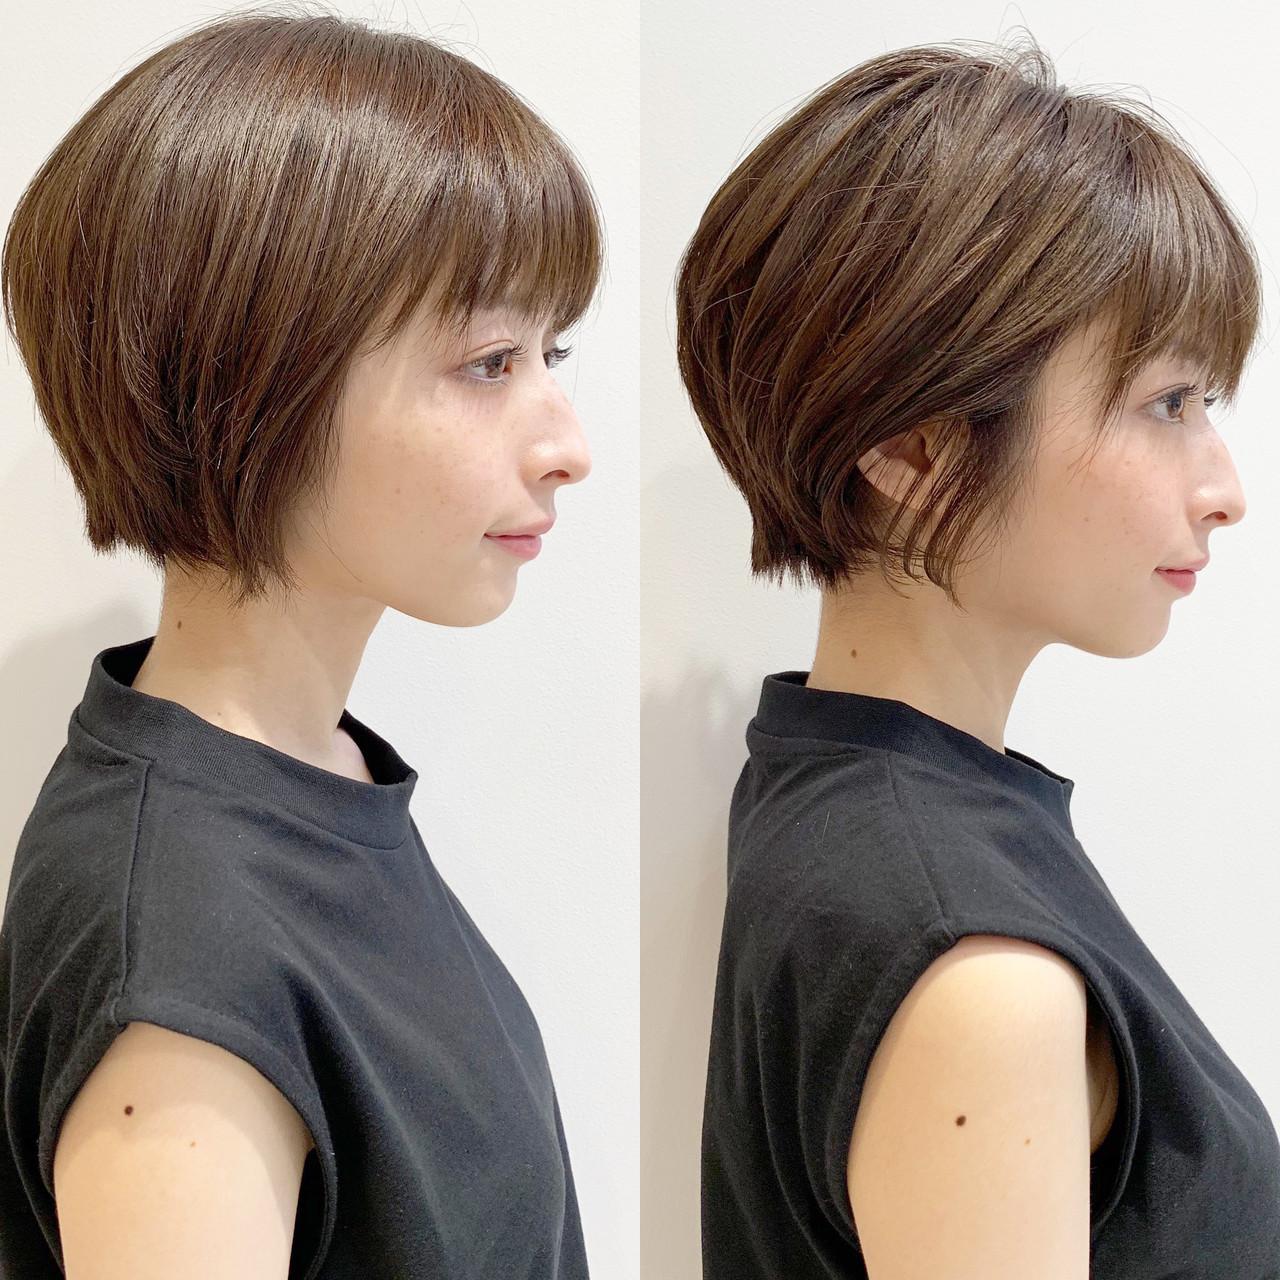 ショート エレガント スポーツ オフィス ヘアスタイルや髪型の写真・画像 | ショートヘア美容師 #ナカイヒロキ / 『send by HAIR』